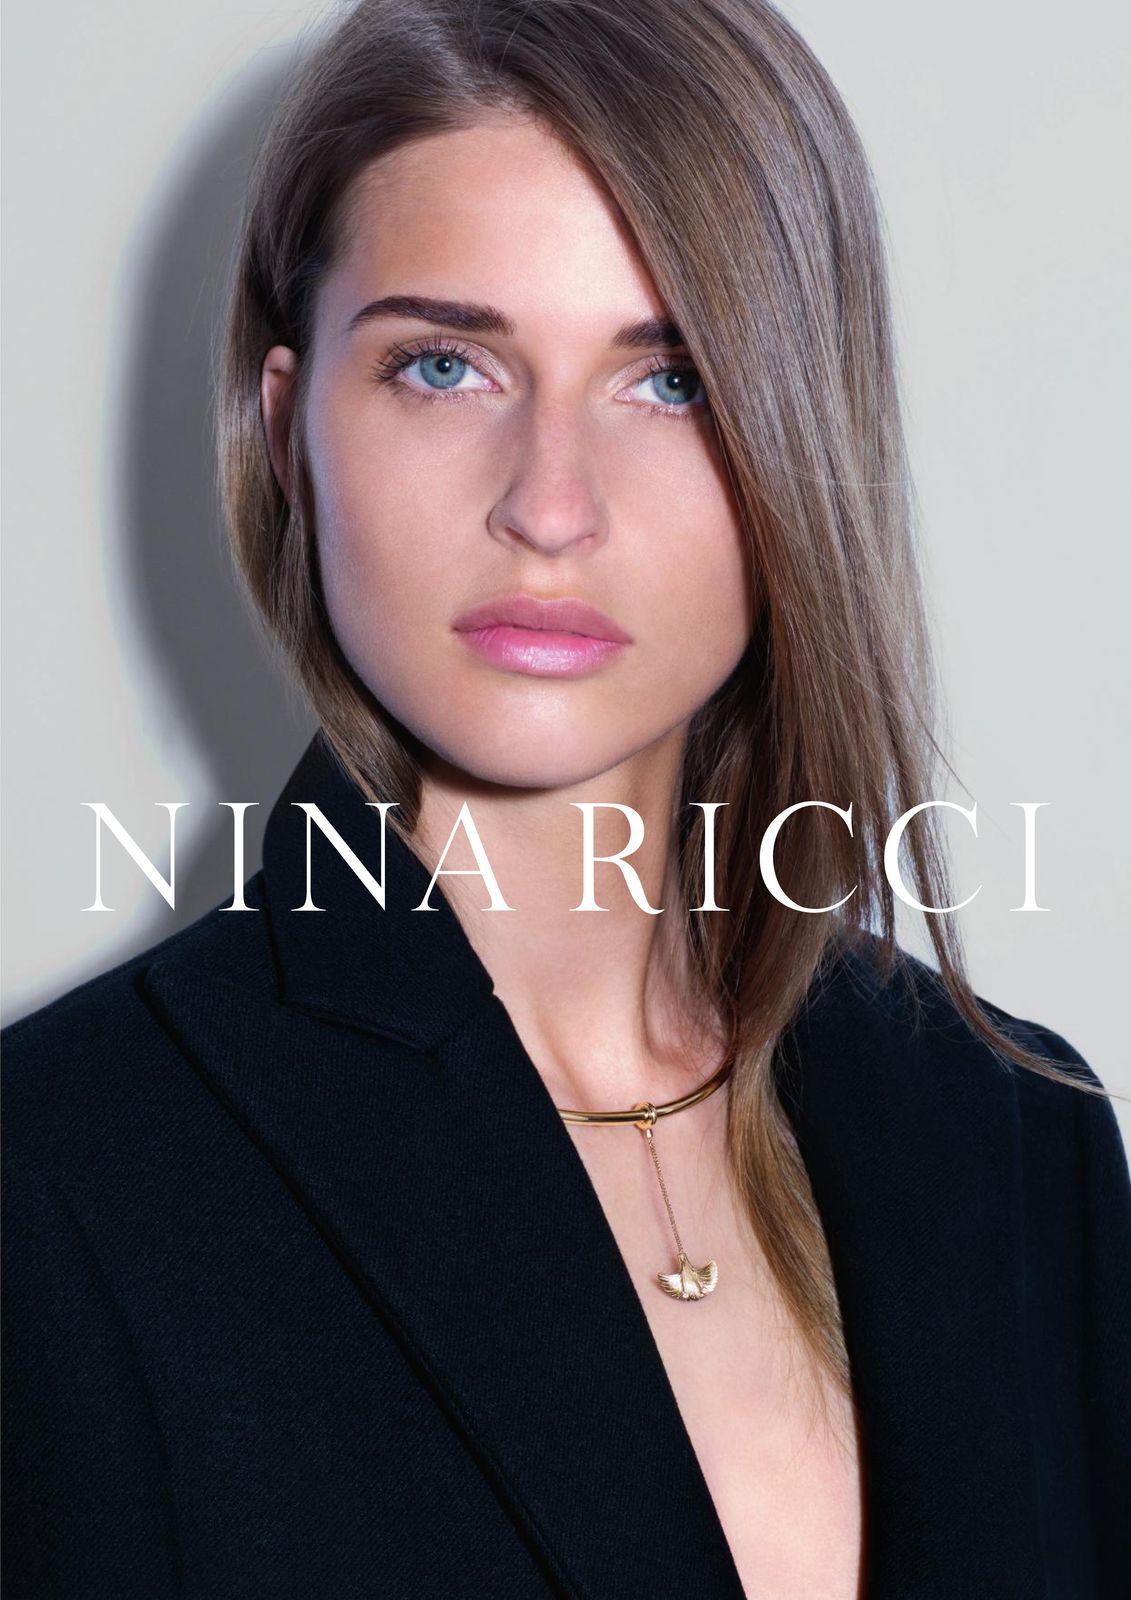 NINA_RICCI_FW15_VISUAL11.jpg